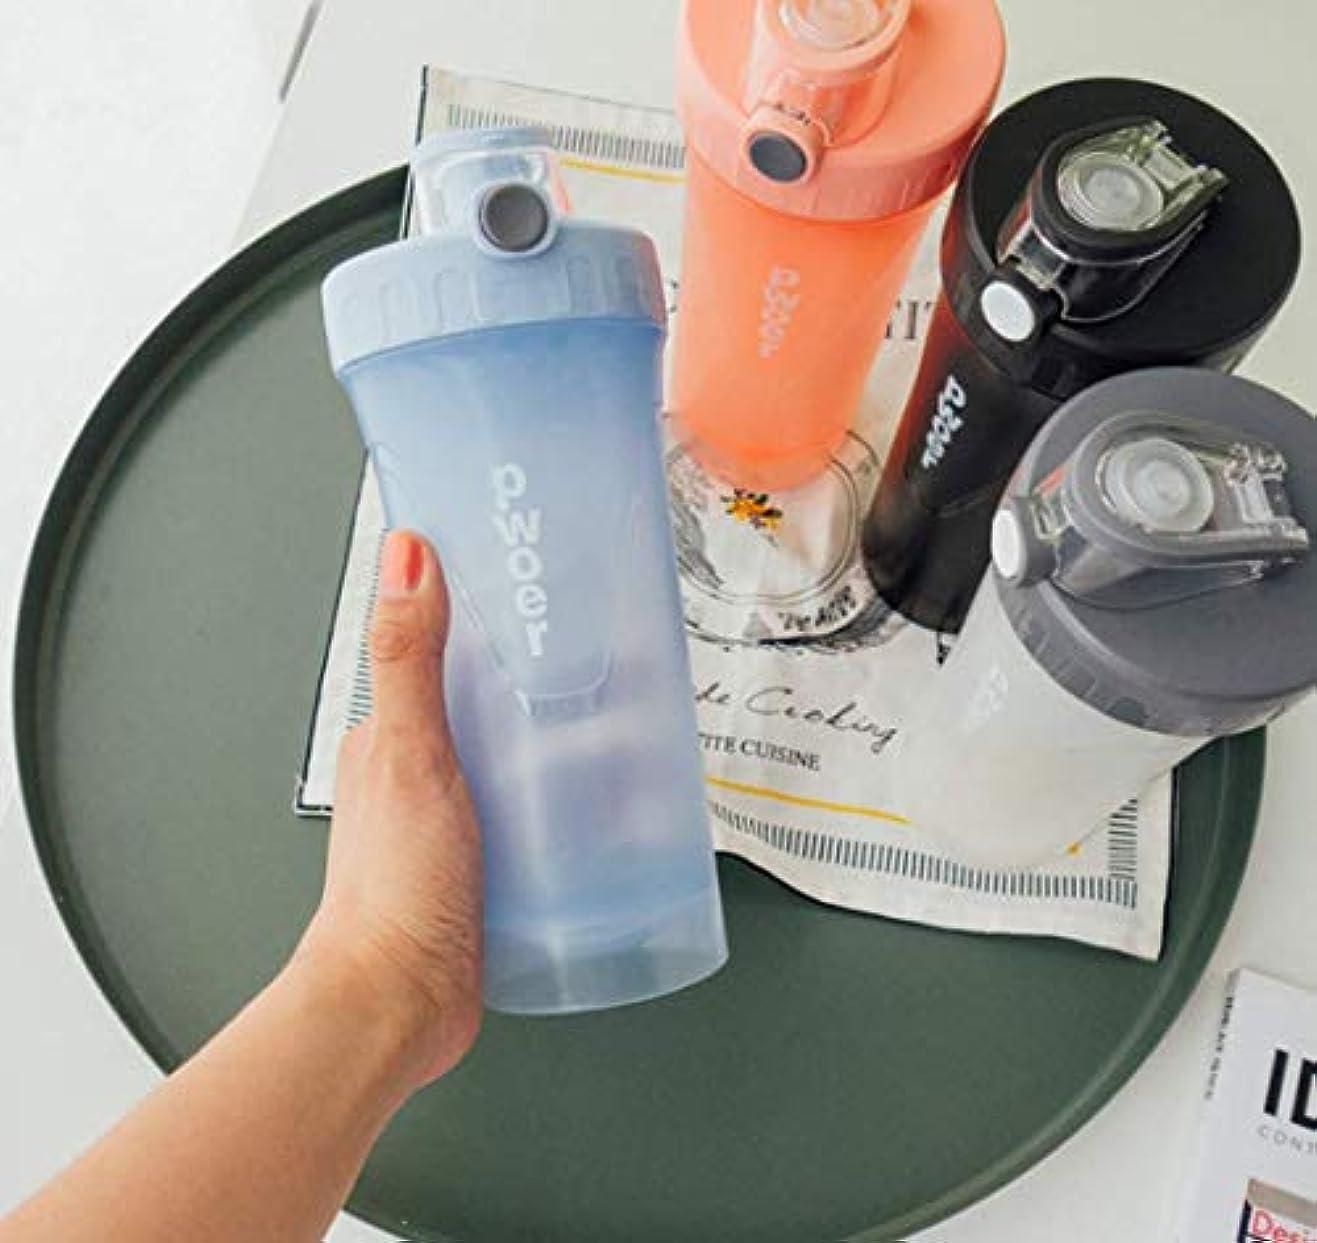 菊奇妙な紀元前プロテインシェーカー 栄養錠剤ビタミン入れ ダイエットドリンク用 タンパク質パウダーミキサーボルト 栄養補給 プロテイン 収納ケース 水筒 漏れ防止 シェーカーボトル